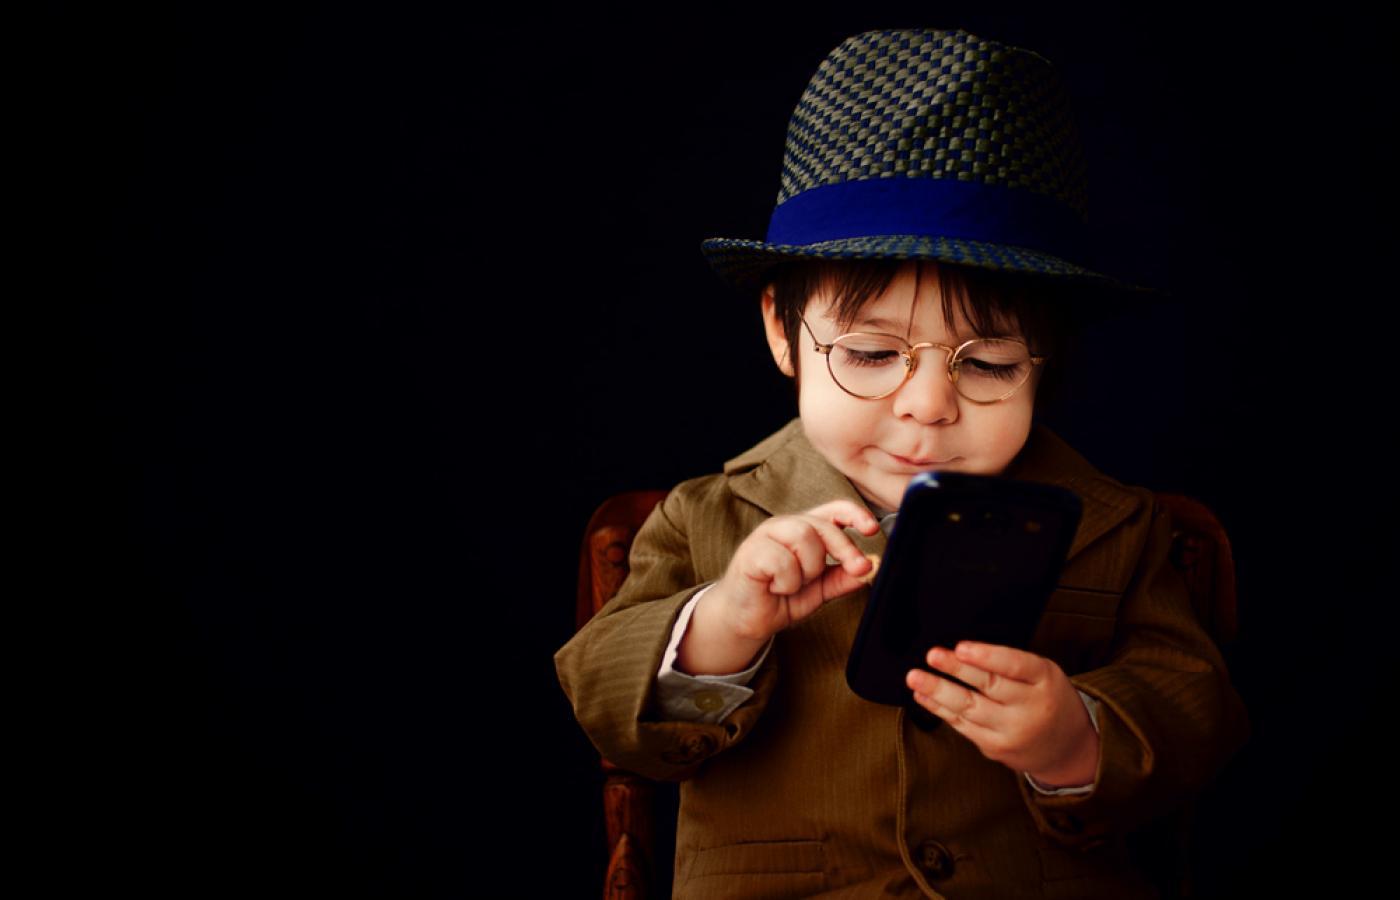 Najlepsze aplikacje randkowe dla pokolenia milenialsów